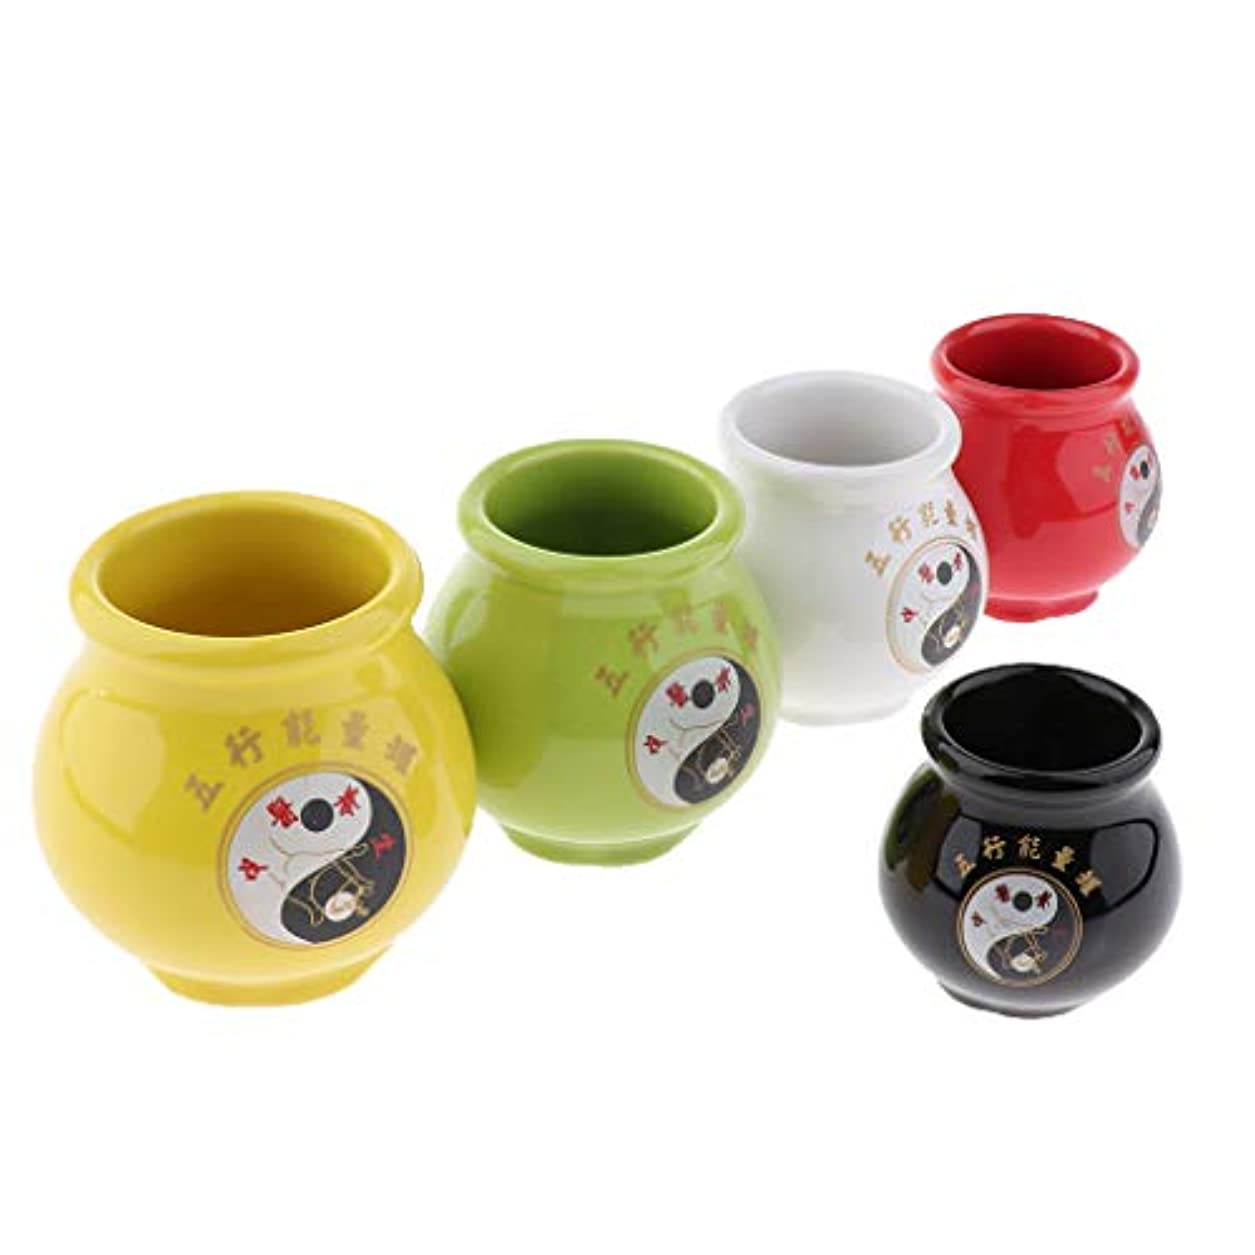 暫定の主観的振り向くマッサージ吸い玉 カッピングカップ セラミック 真空 健康ケア 男女兼用 5個入